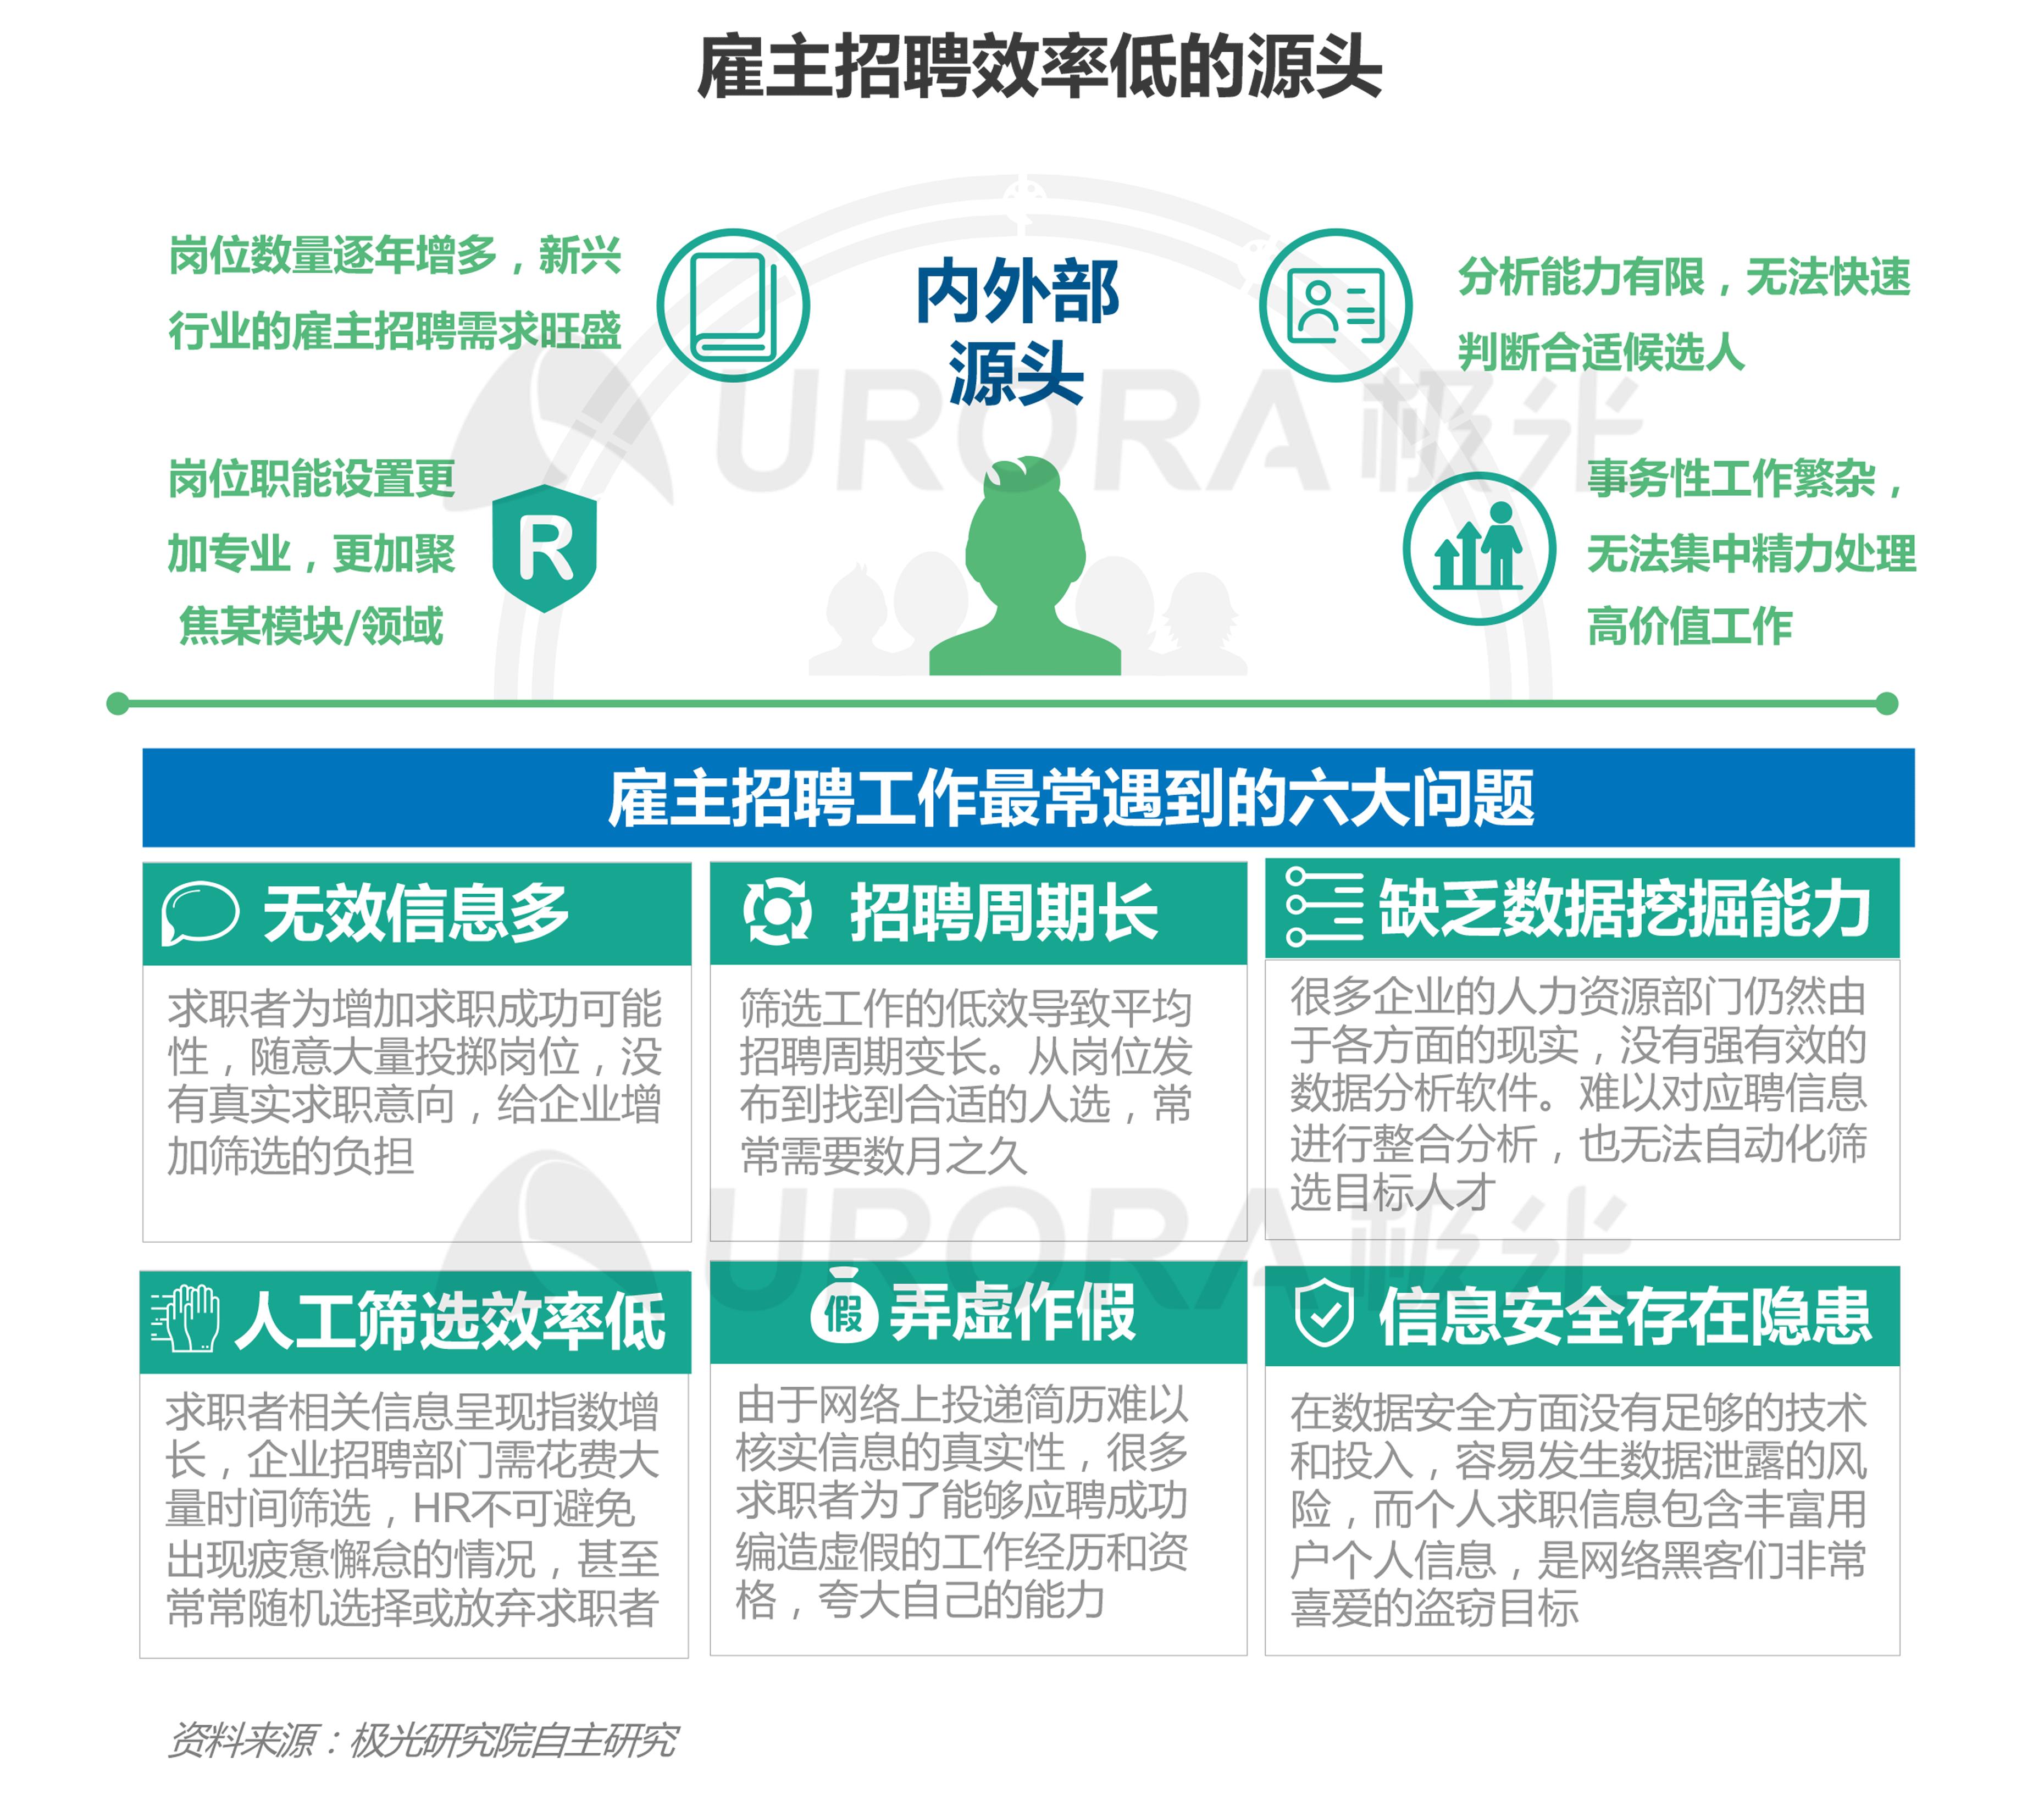 """""""超职季""""招聘行业报告-汇总版 (8).png"""